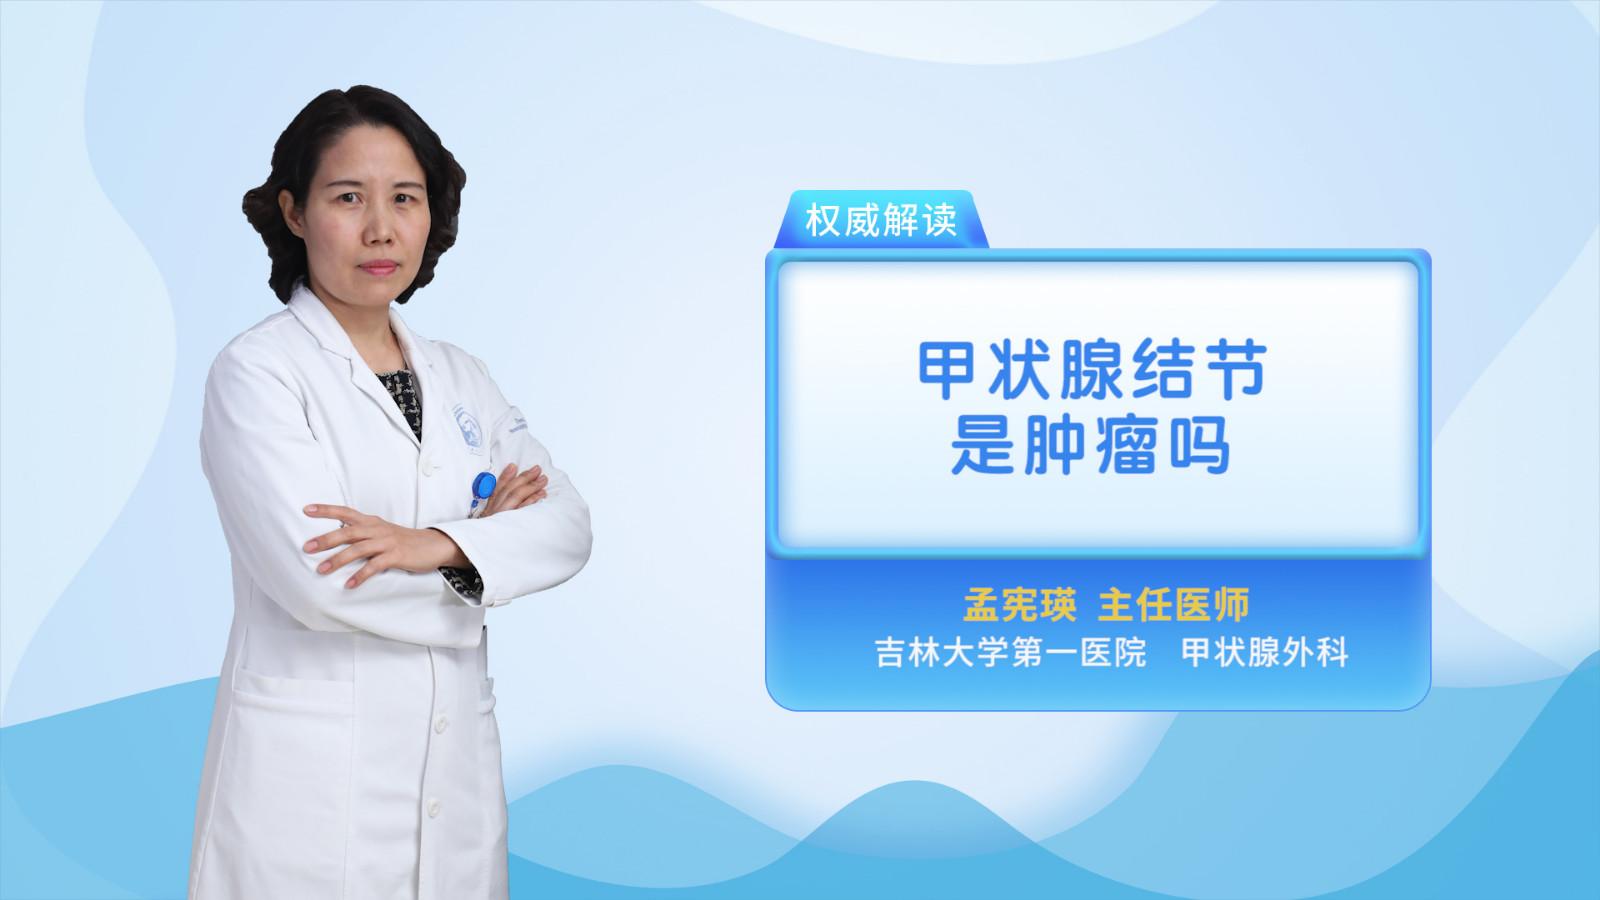 甲状腺结节是肿瘤吗